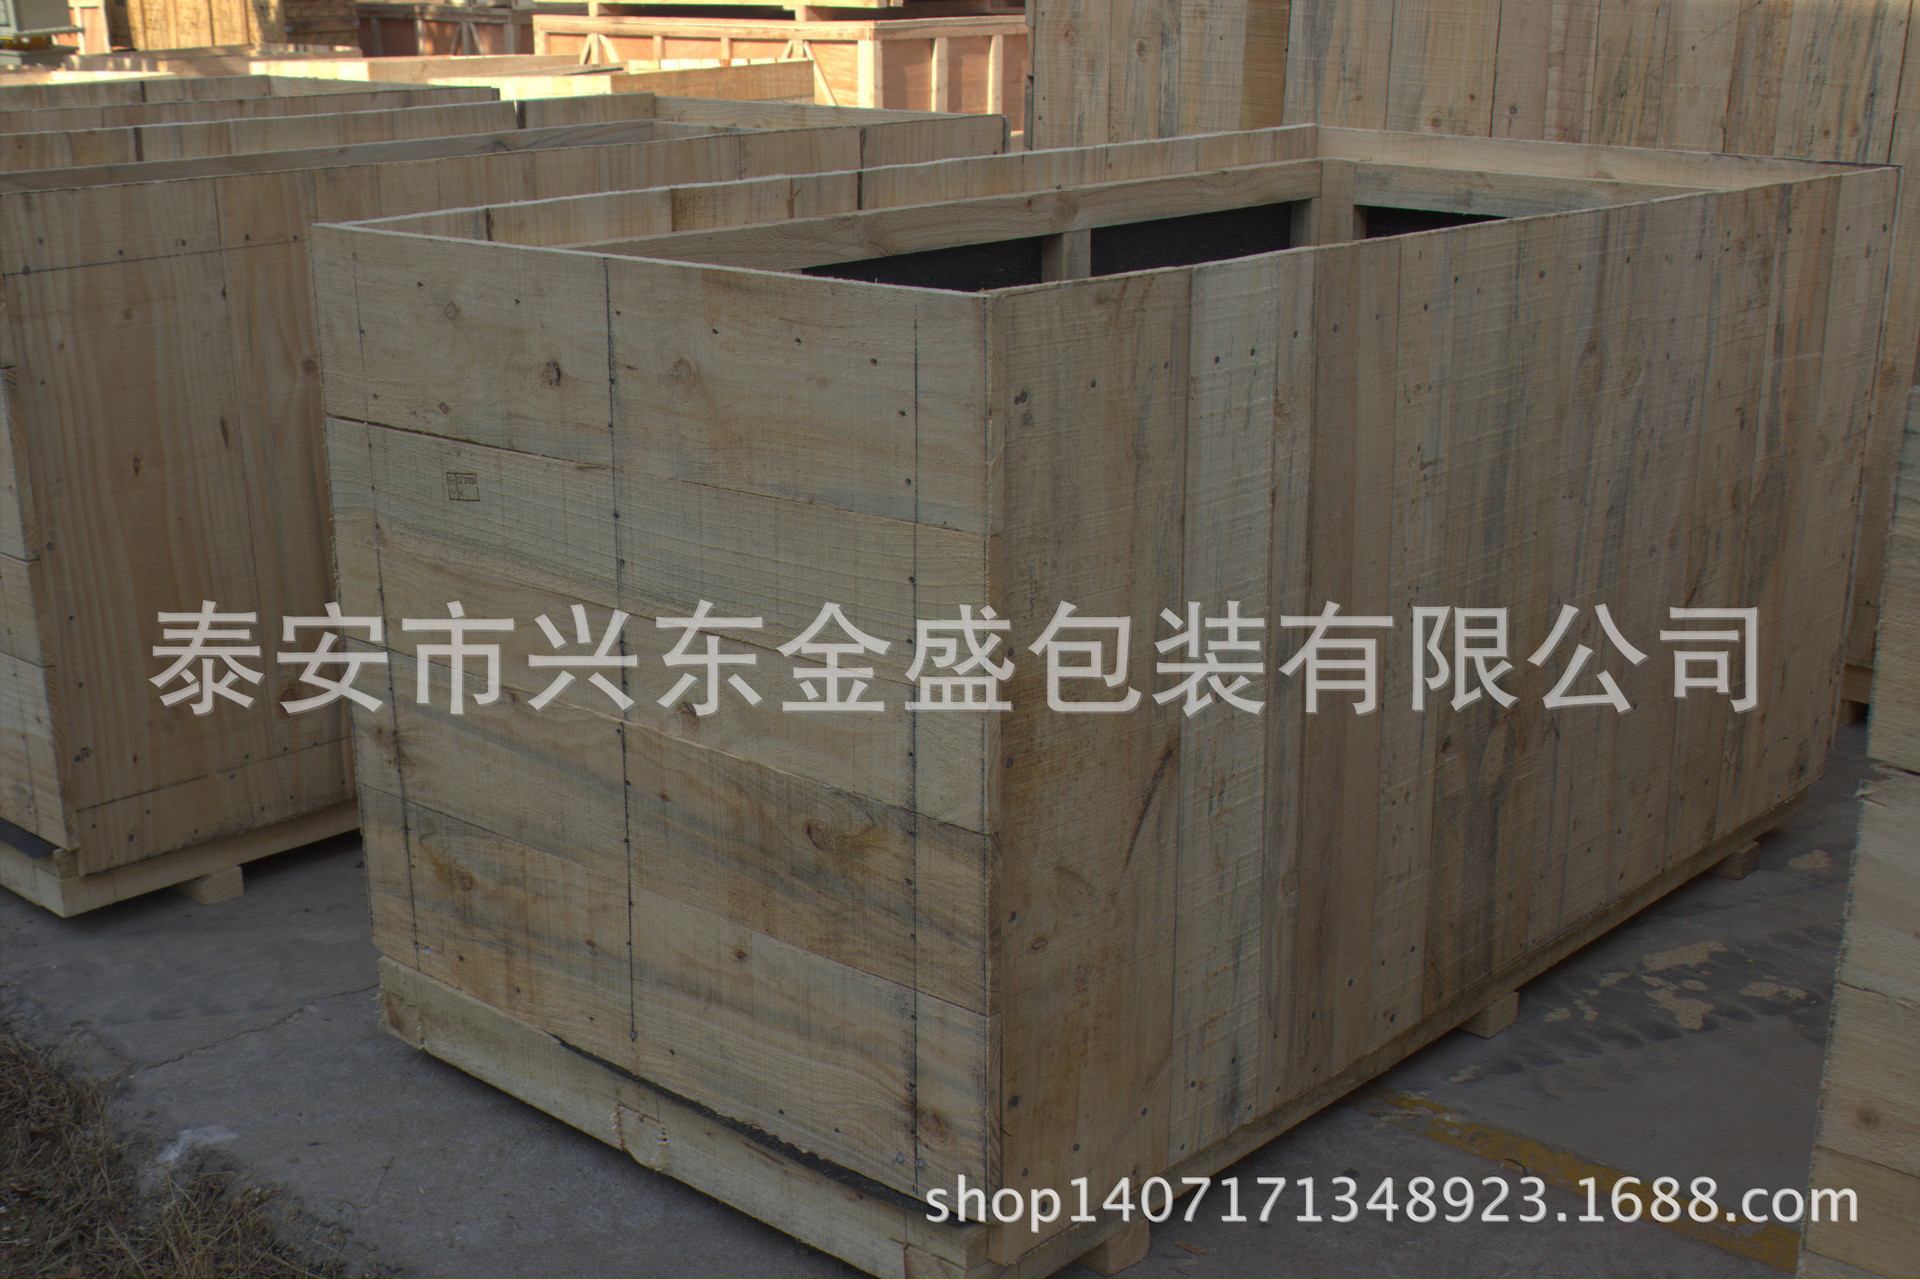 供應木制包裝箱 加工定制出口木質包裝箱 ***型包裝箱